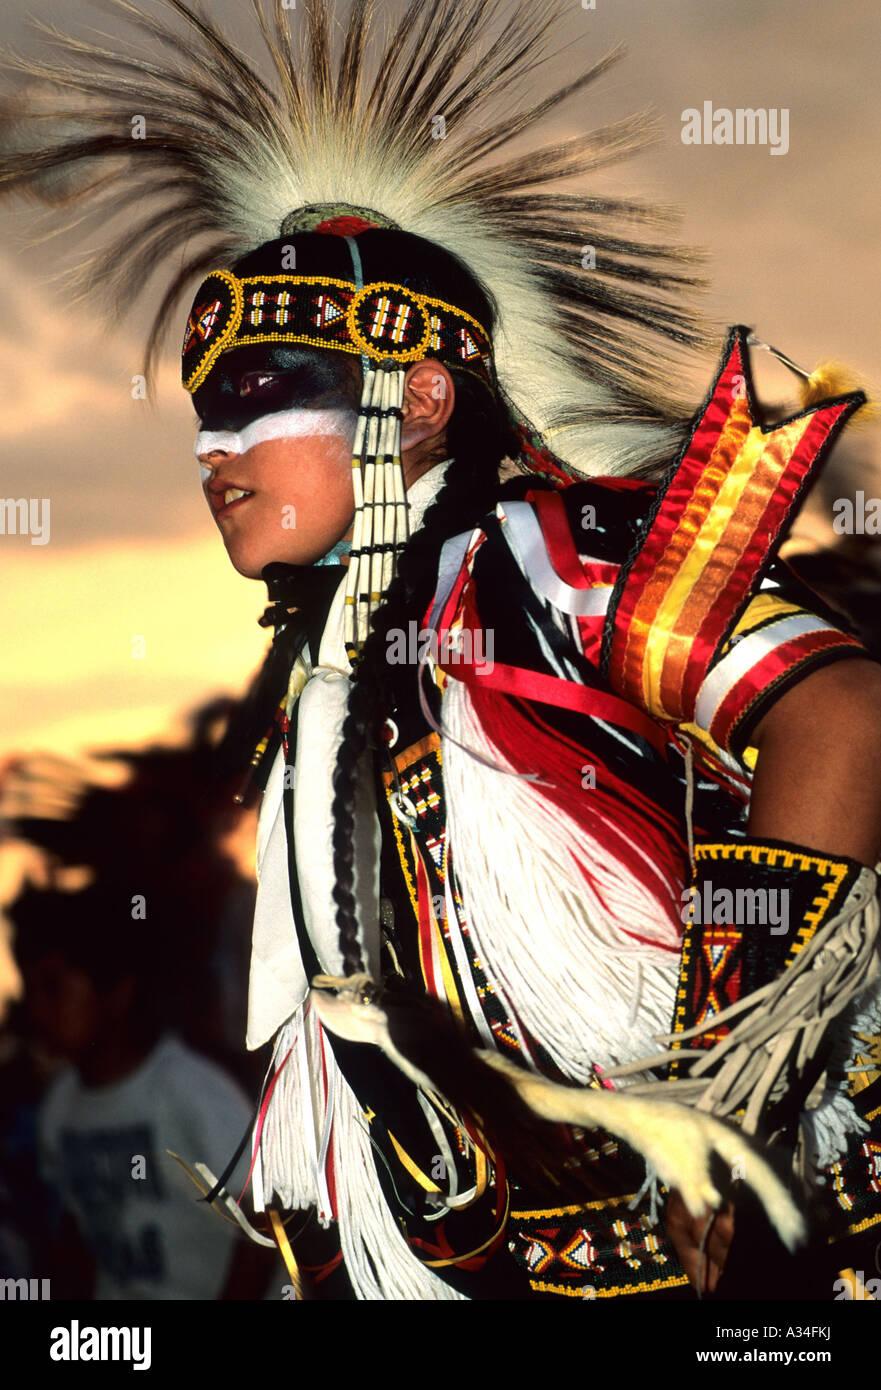 Incontri indiani in USA